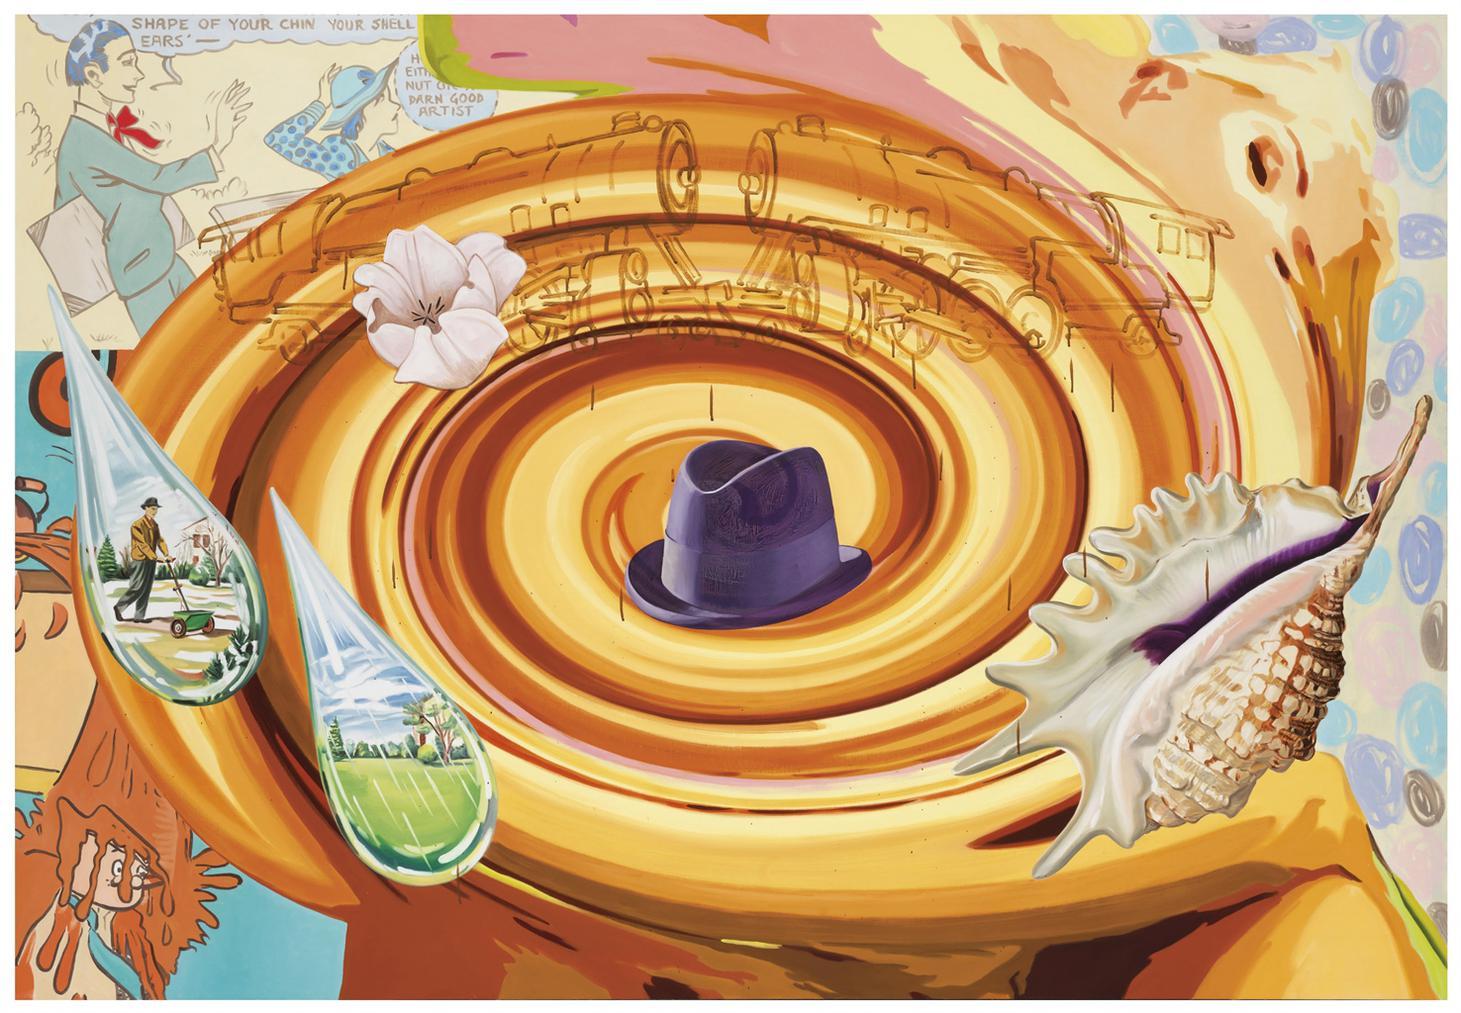 David Salle-Fertilizing Machine-2004